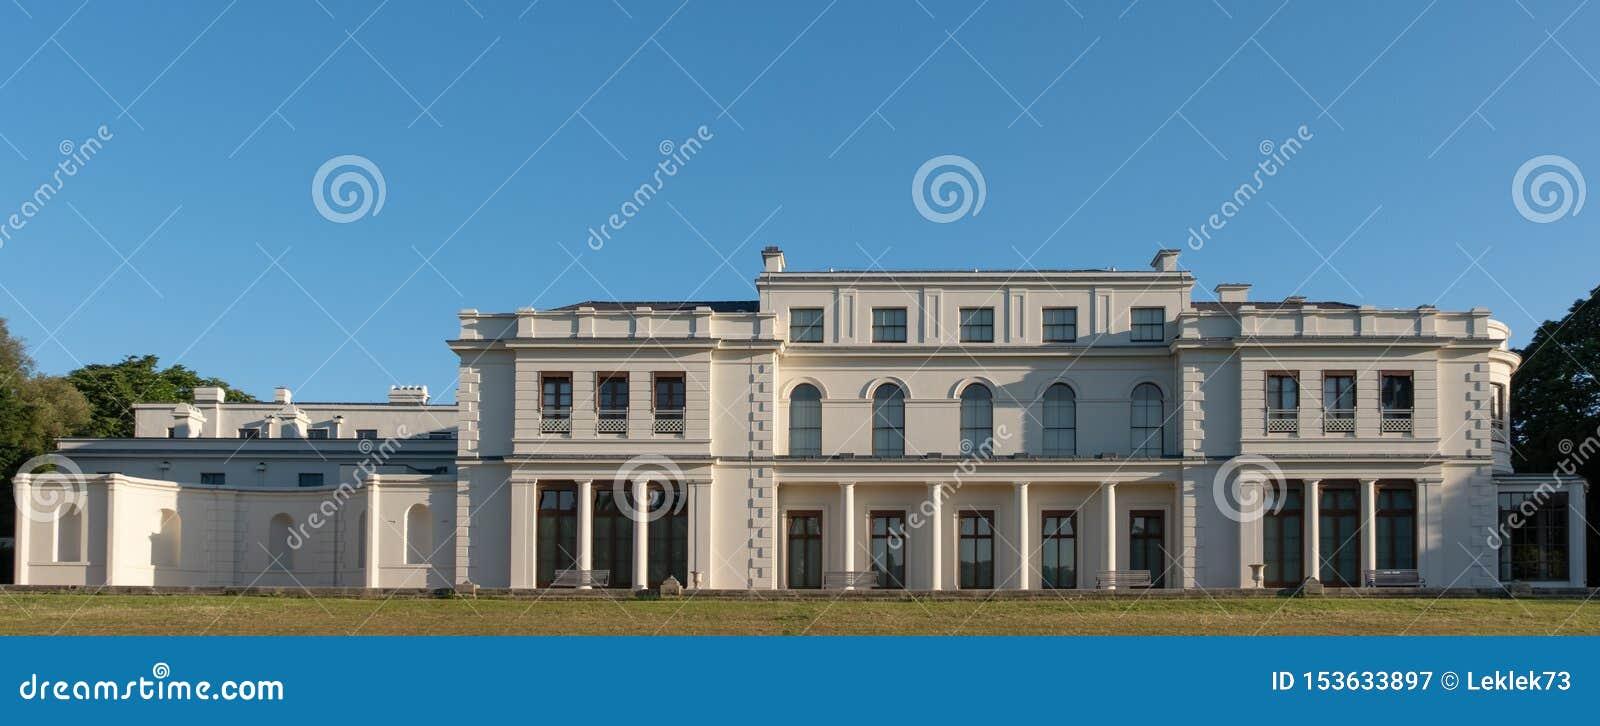 Nyligen renoverade Gunnersbury parkerar och museet på det Gunnersbury godset som ägas en gång av den Rothschild familjen, London